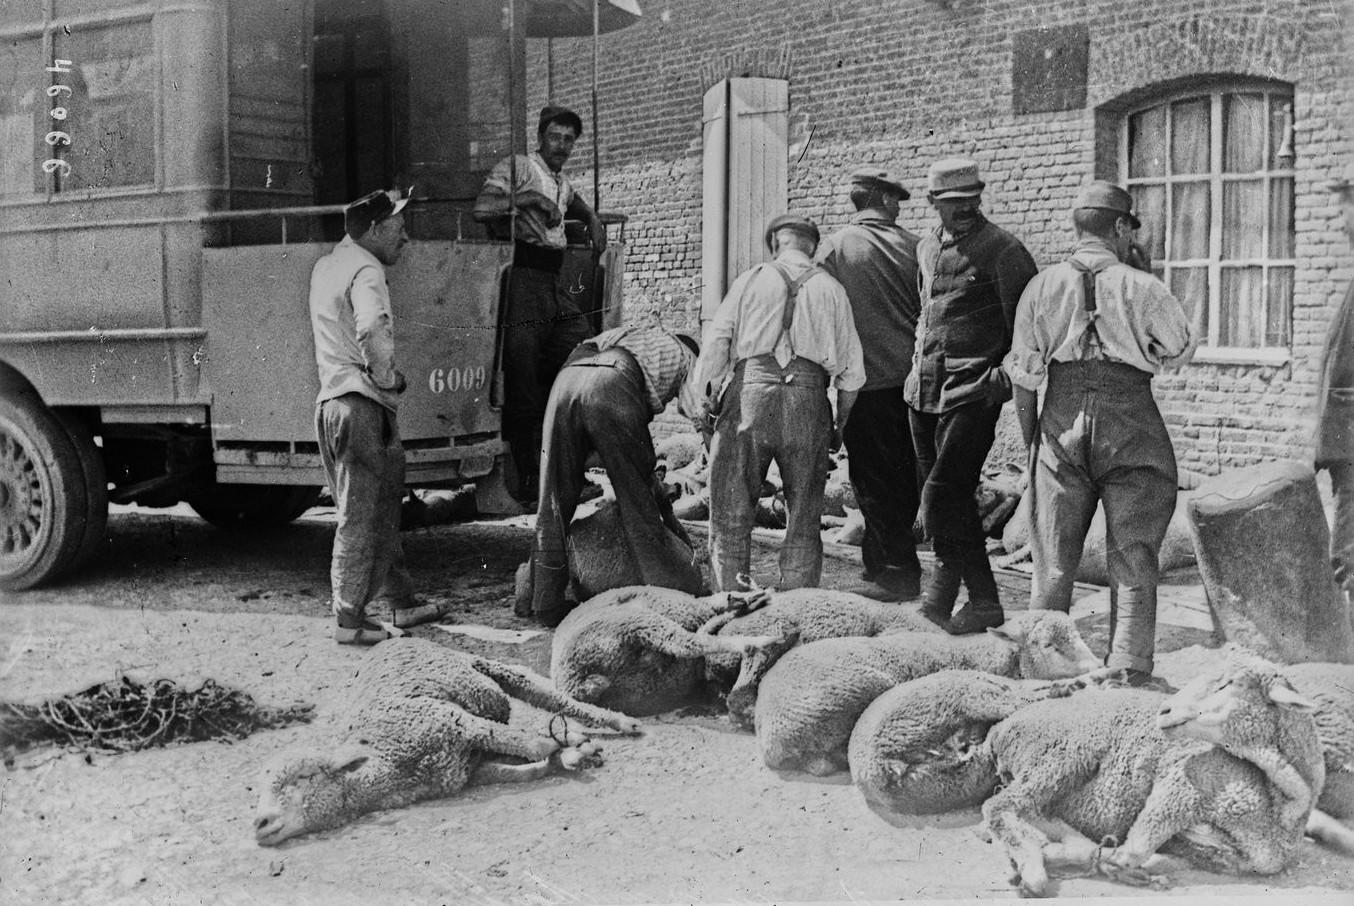 Furgonetka służąca do zaopatrywania wojska w świeże mięso. Fot. Agence Rol. Źródło: Bibliothèque nationale de France